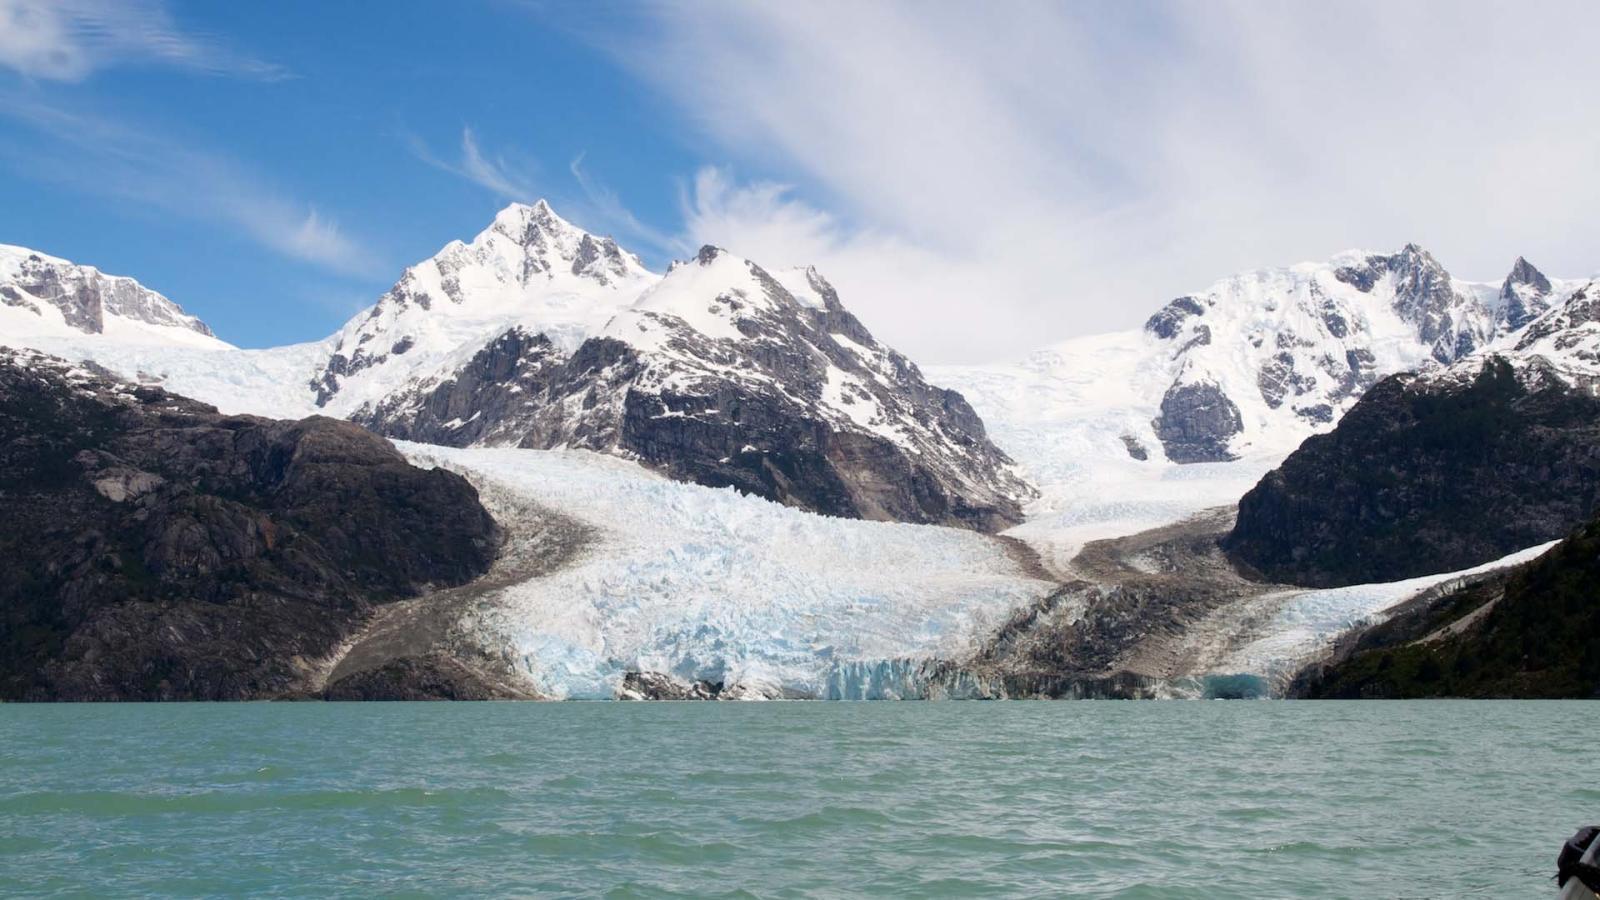 Leones Glacier, Aysén, Chile, December 1, 2011, Photograph by Christoph Strassler.